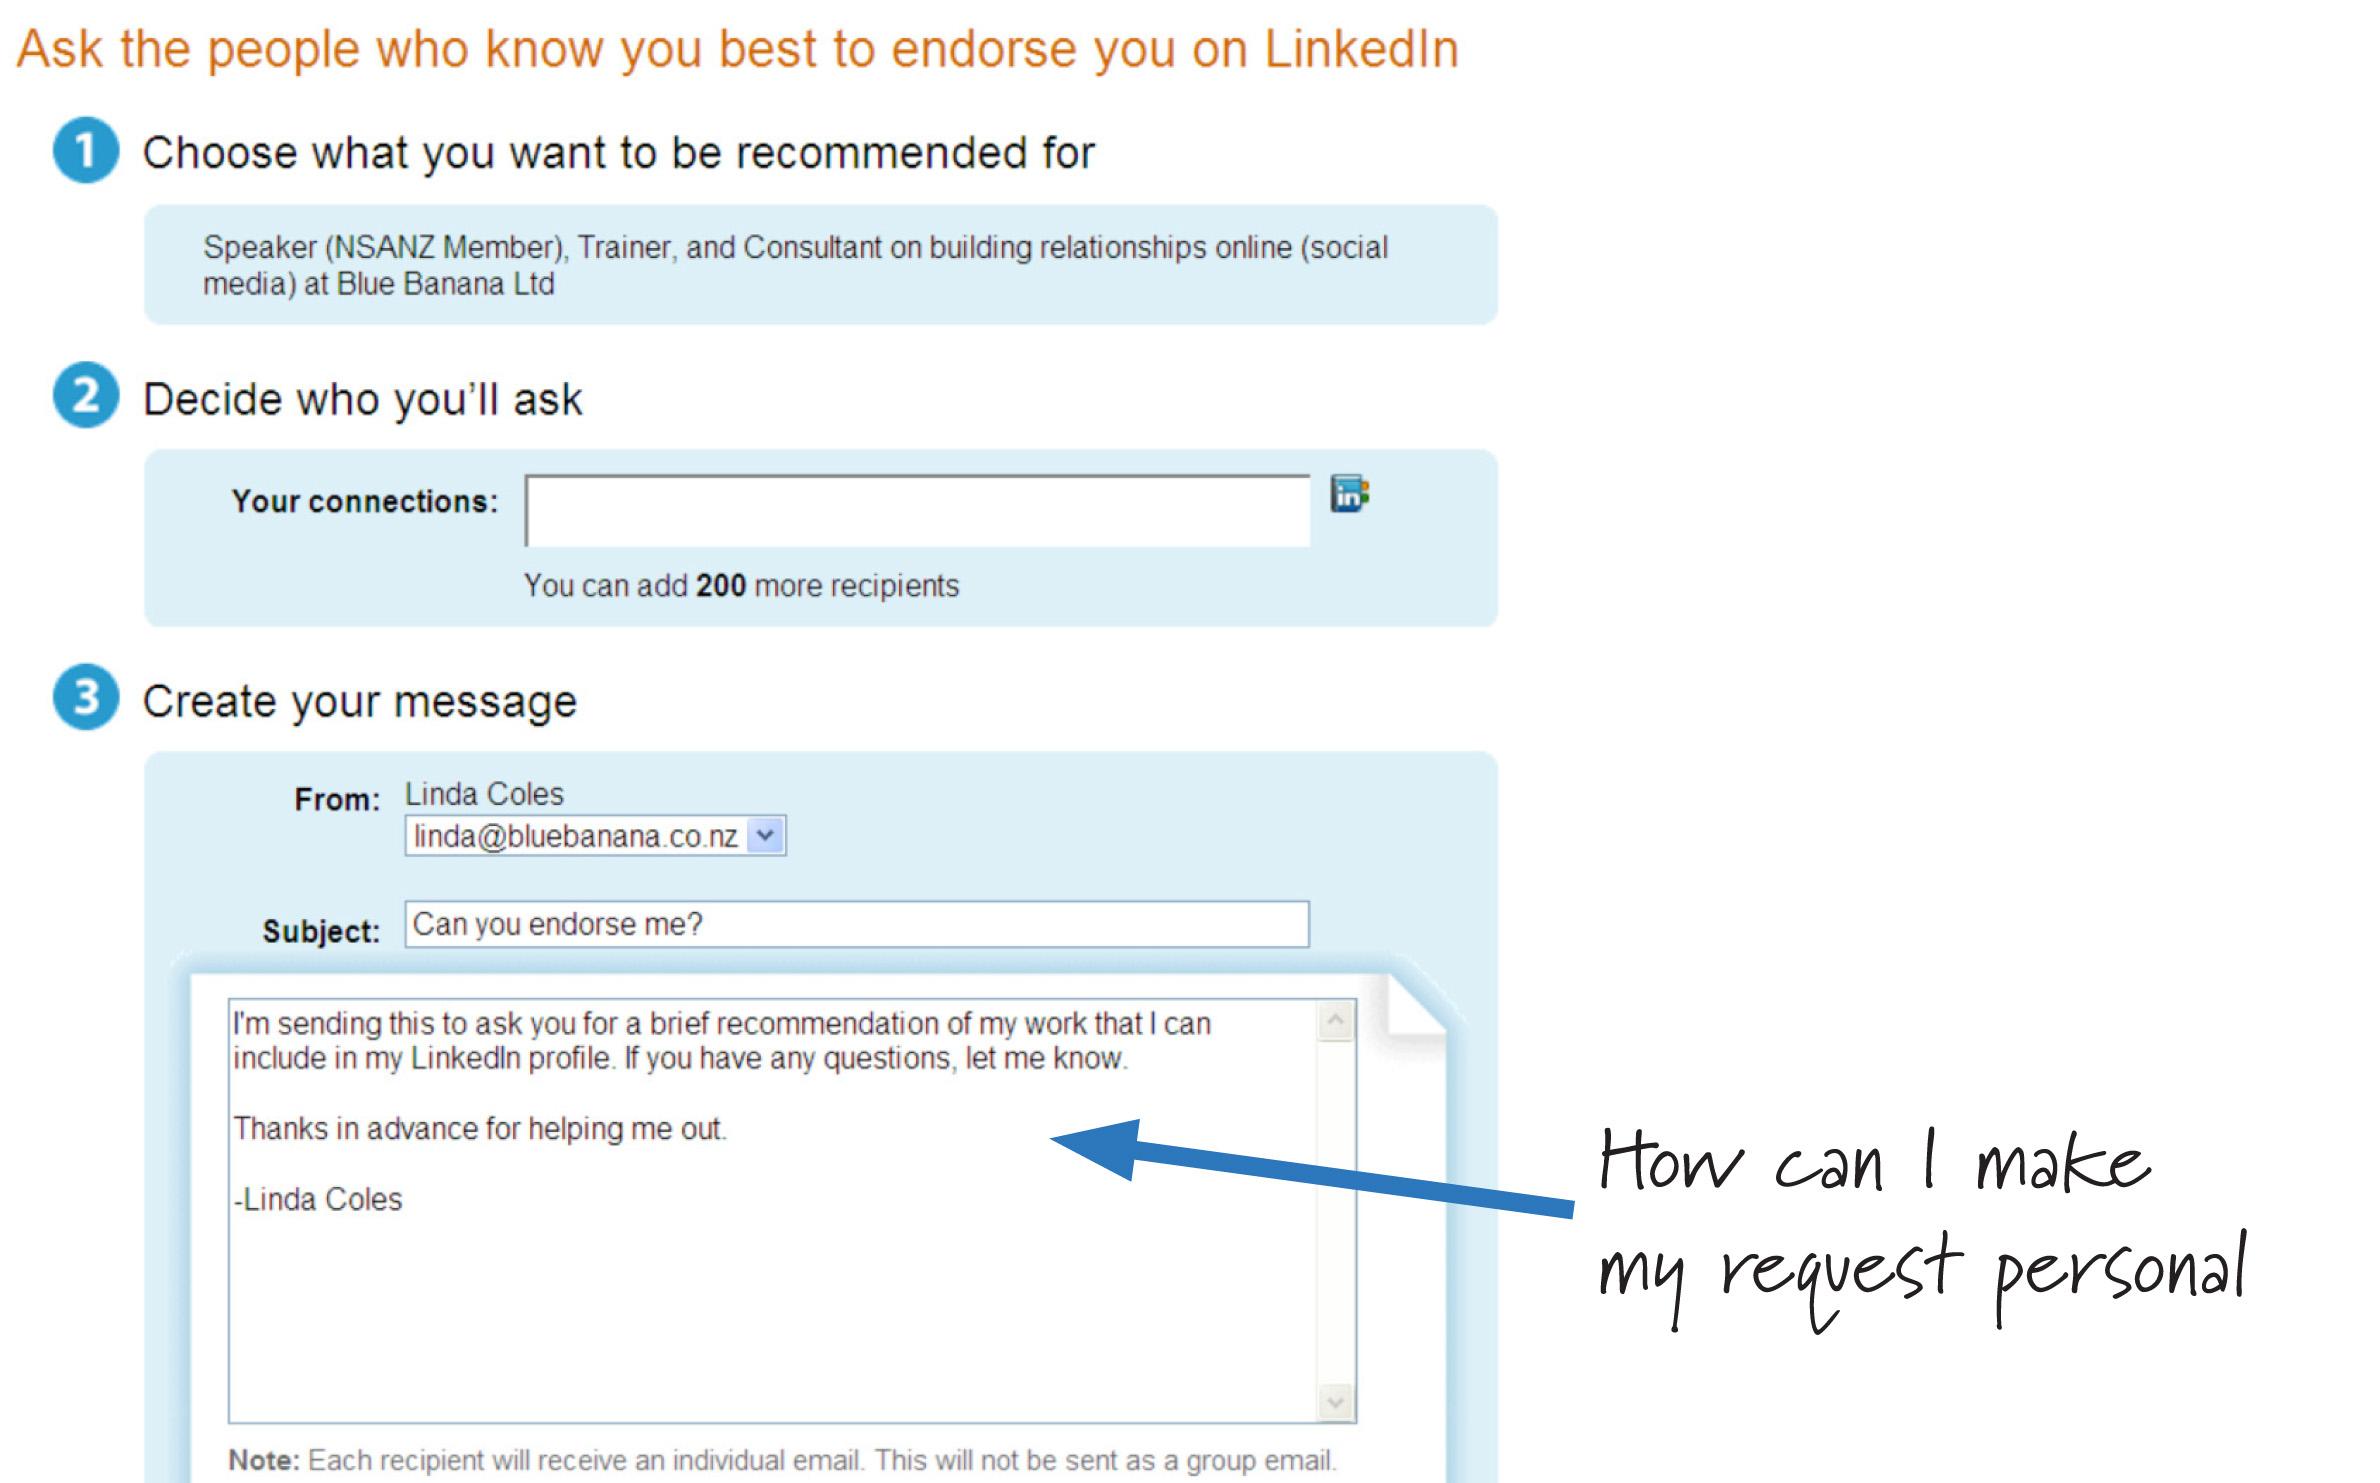 Öne çıkmanıza yardımcı olmak için LinkedIn'den 4 ipucu 4